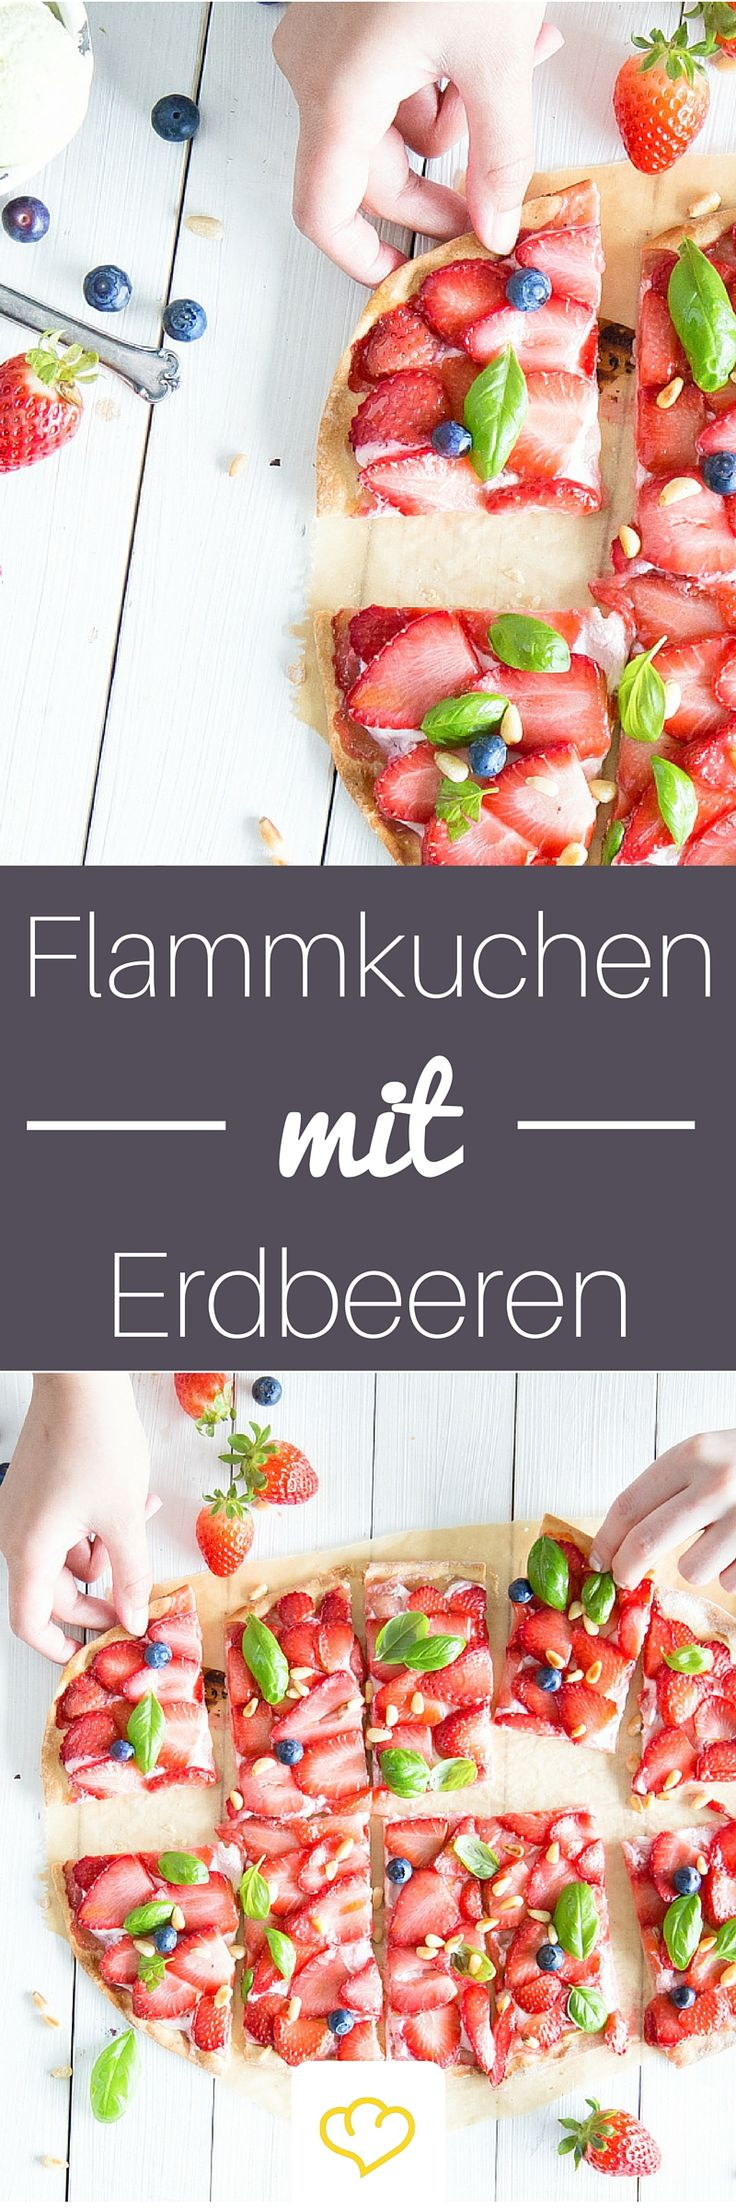 Für alle, die nicht genug von Erdbeeren bekommen können: hauchdünnenr, krosser Erdbeerflammkuchen serviert mit zart-cremigem Basilikumeis.